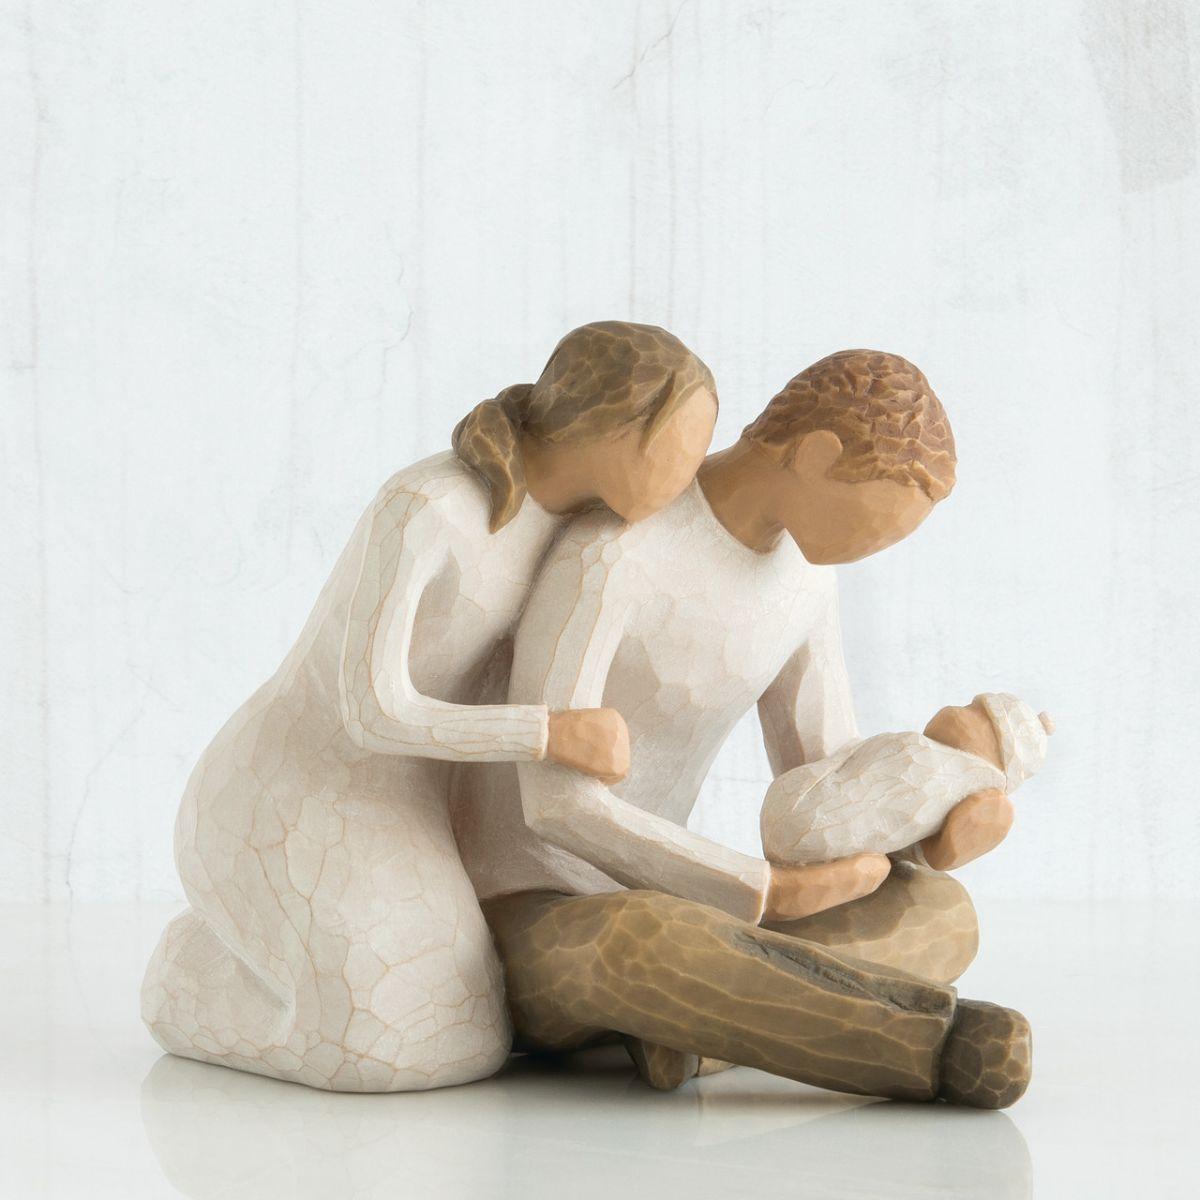 クリスマス プレゼント ウィローツリー彫像 新しい生命 | 男の子 女の子 両親 ペア カップル おしゃれな置物 大人向け フィギュア 人形 インテリア雑貨 Willow Tree New Life 正規輸入品